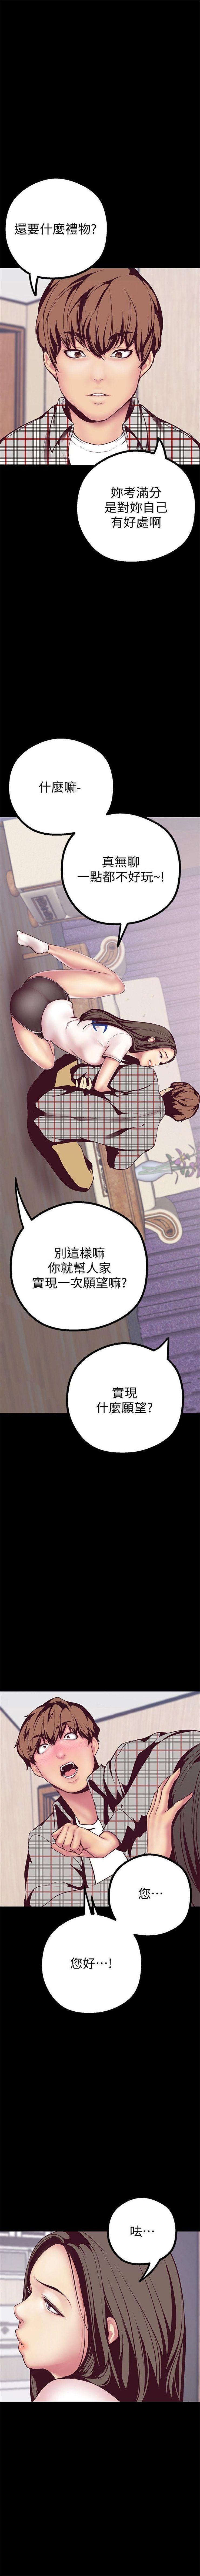 (週1)美麗新世界 1-70 中文翻譯 (更新中) 76